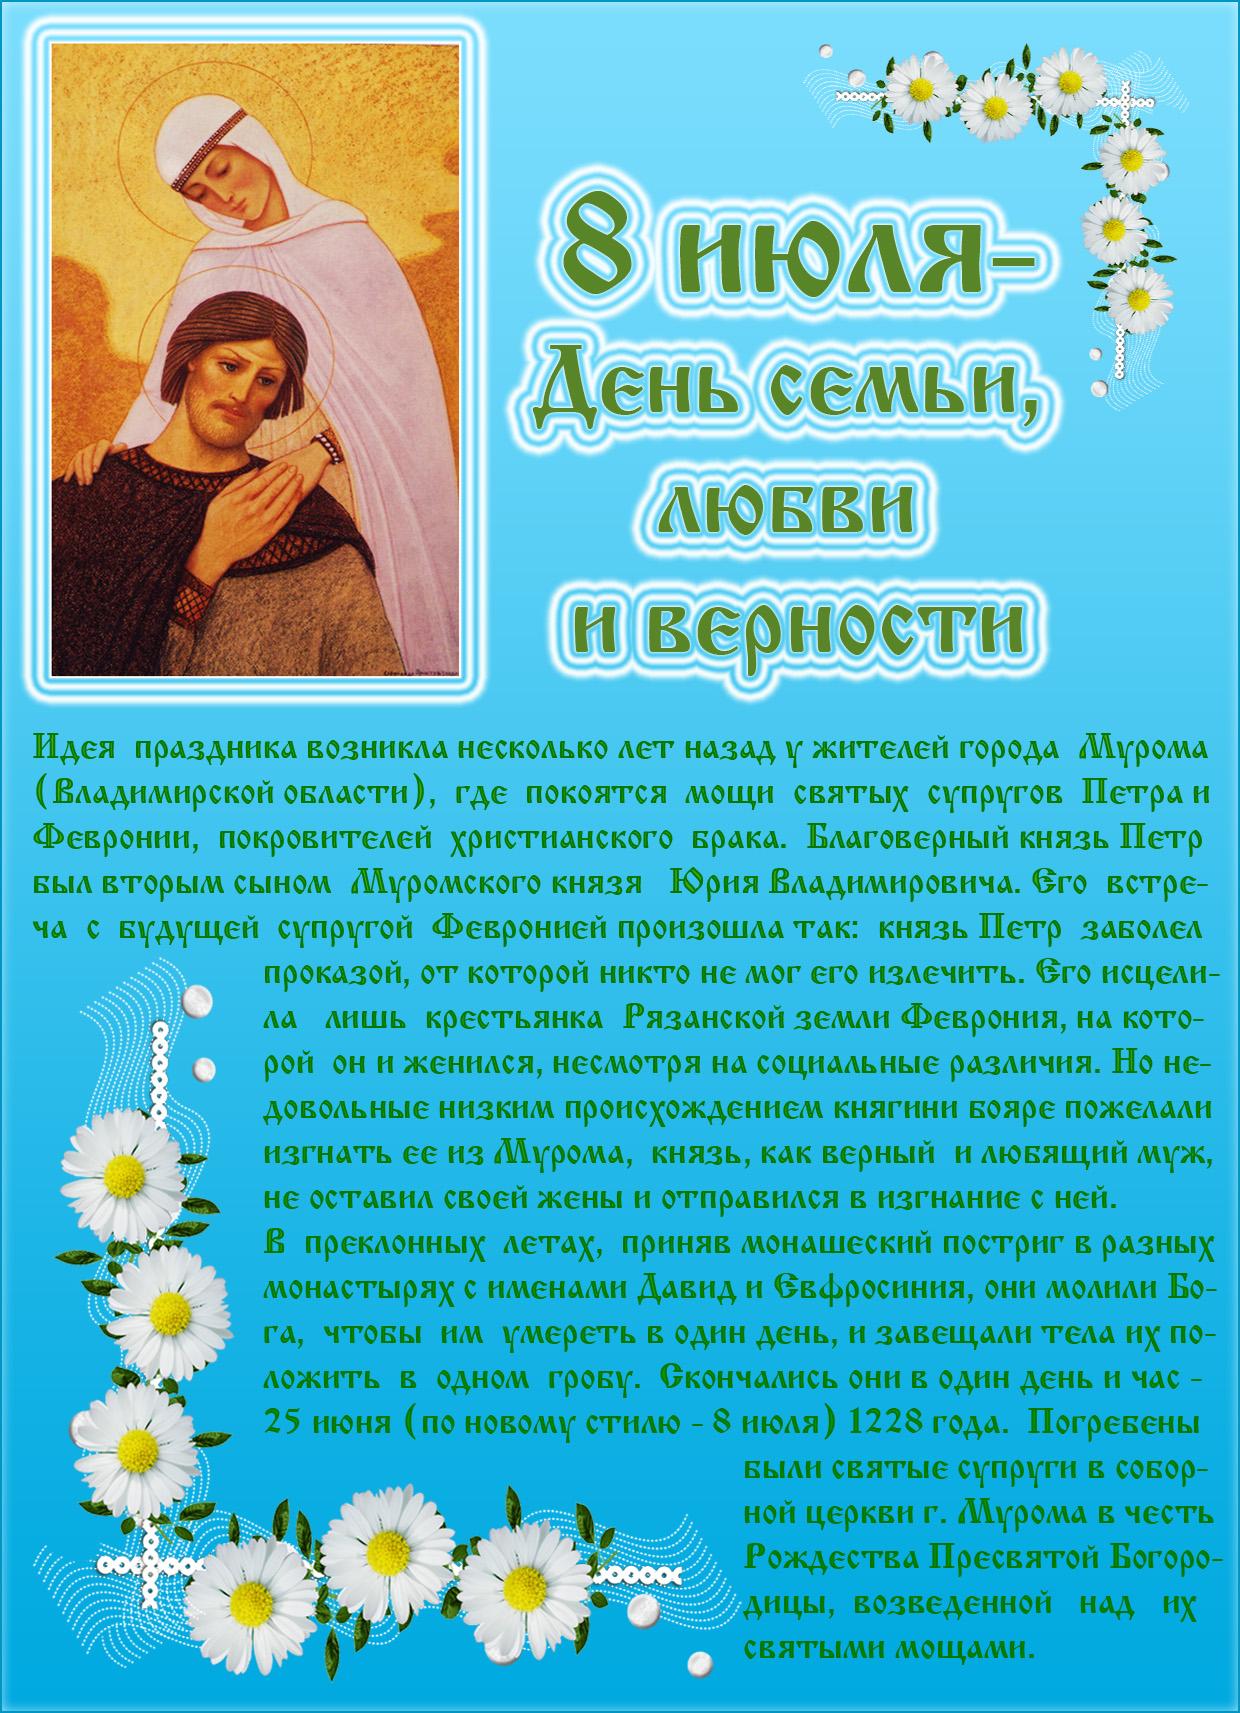 Поздравления с юбилеем 50 лет женщине в стихах 19